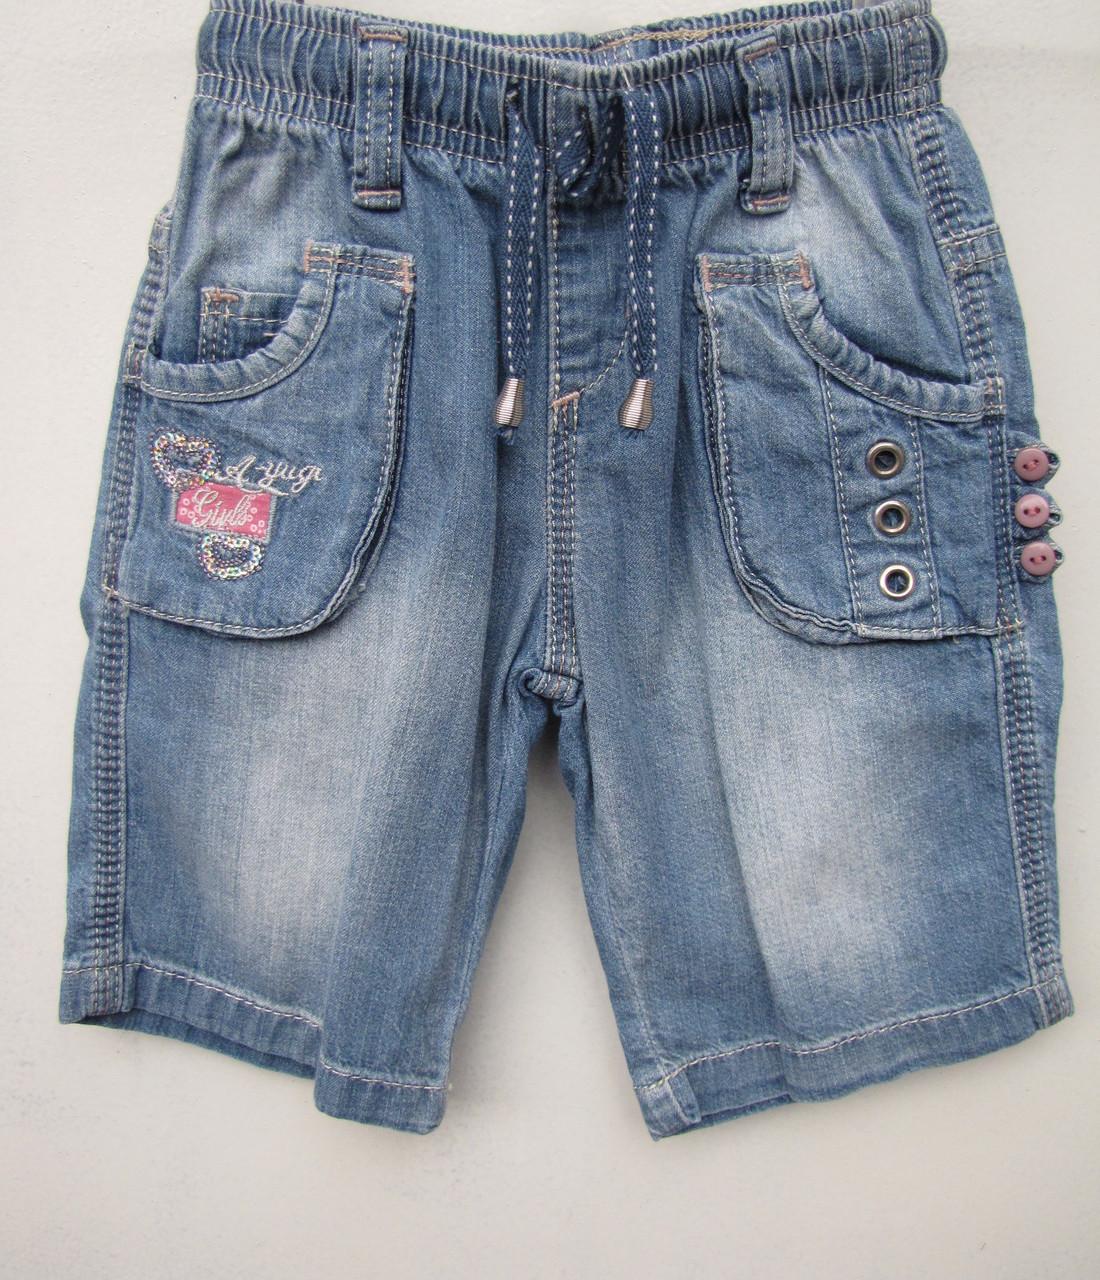 Джинсовые шорты для девочек 92,98,104,110,116,122,128 роста на резинке